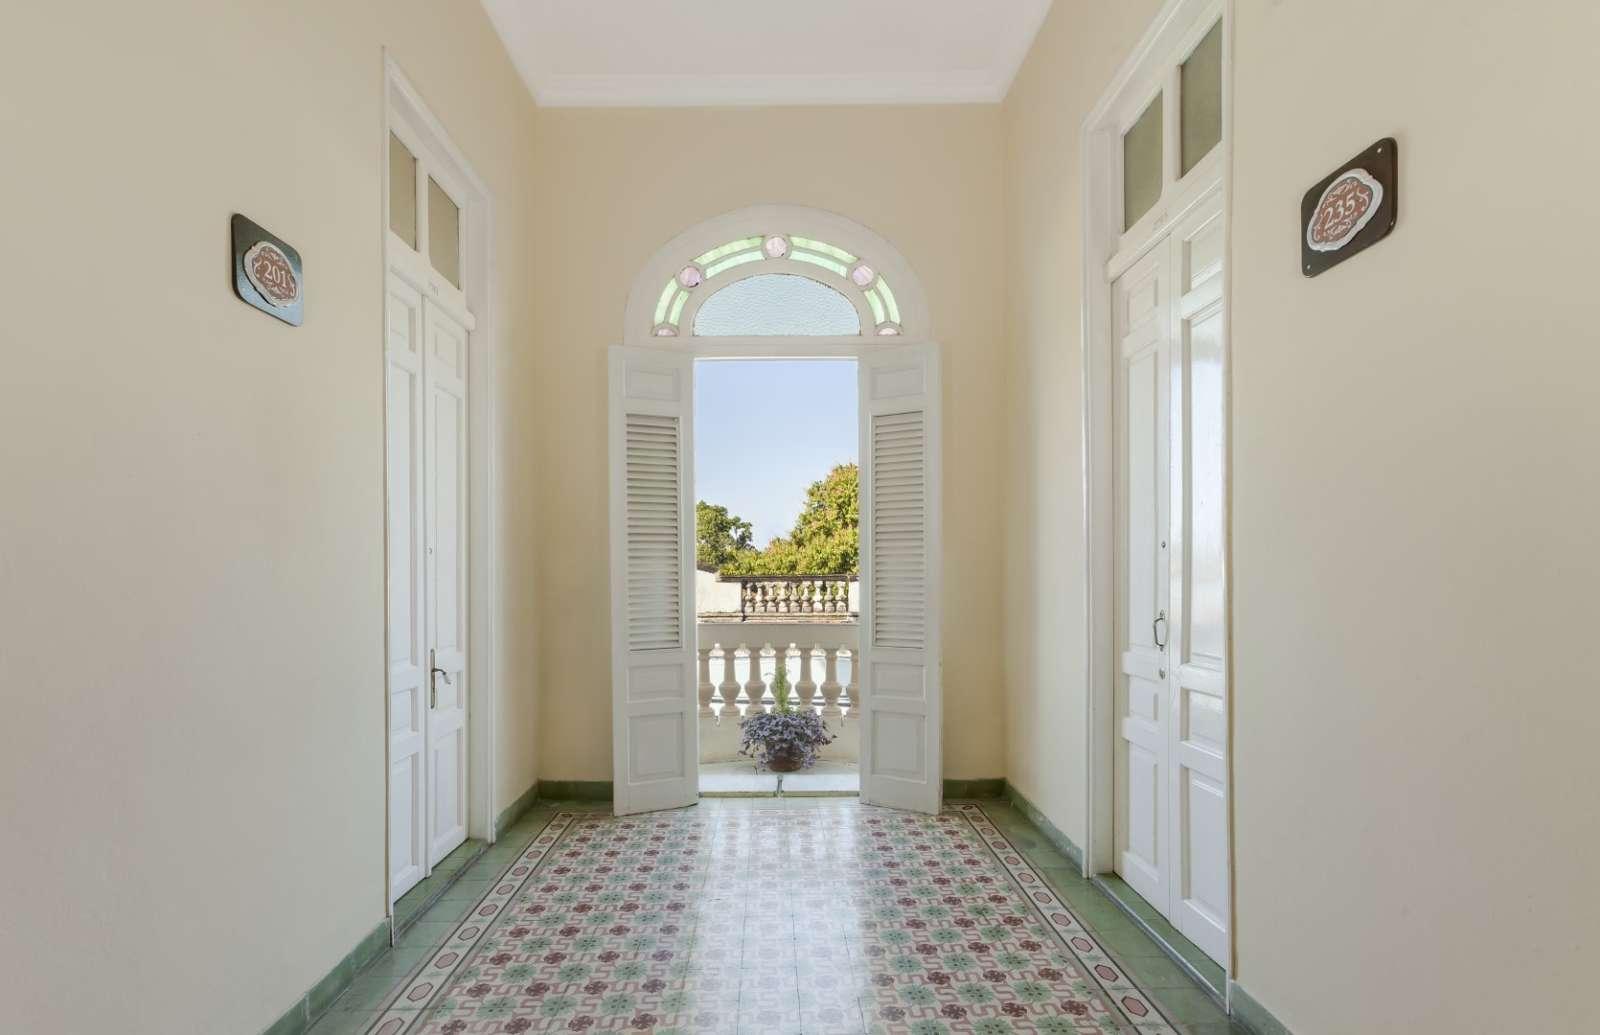 Corridor at Melia Colon in Camaguey